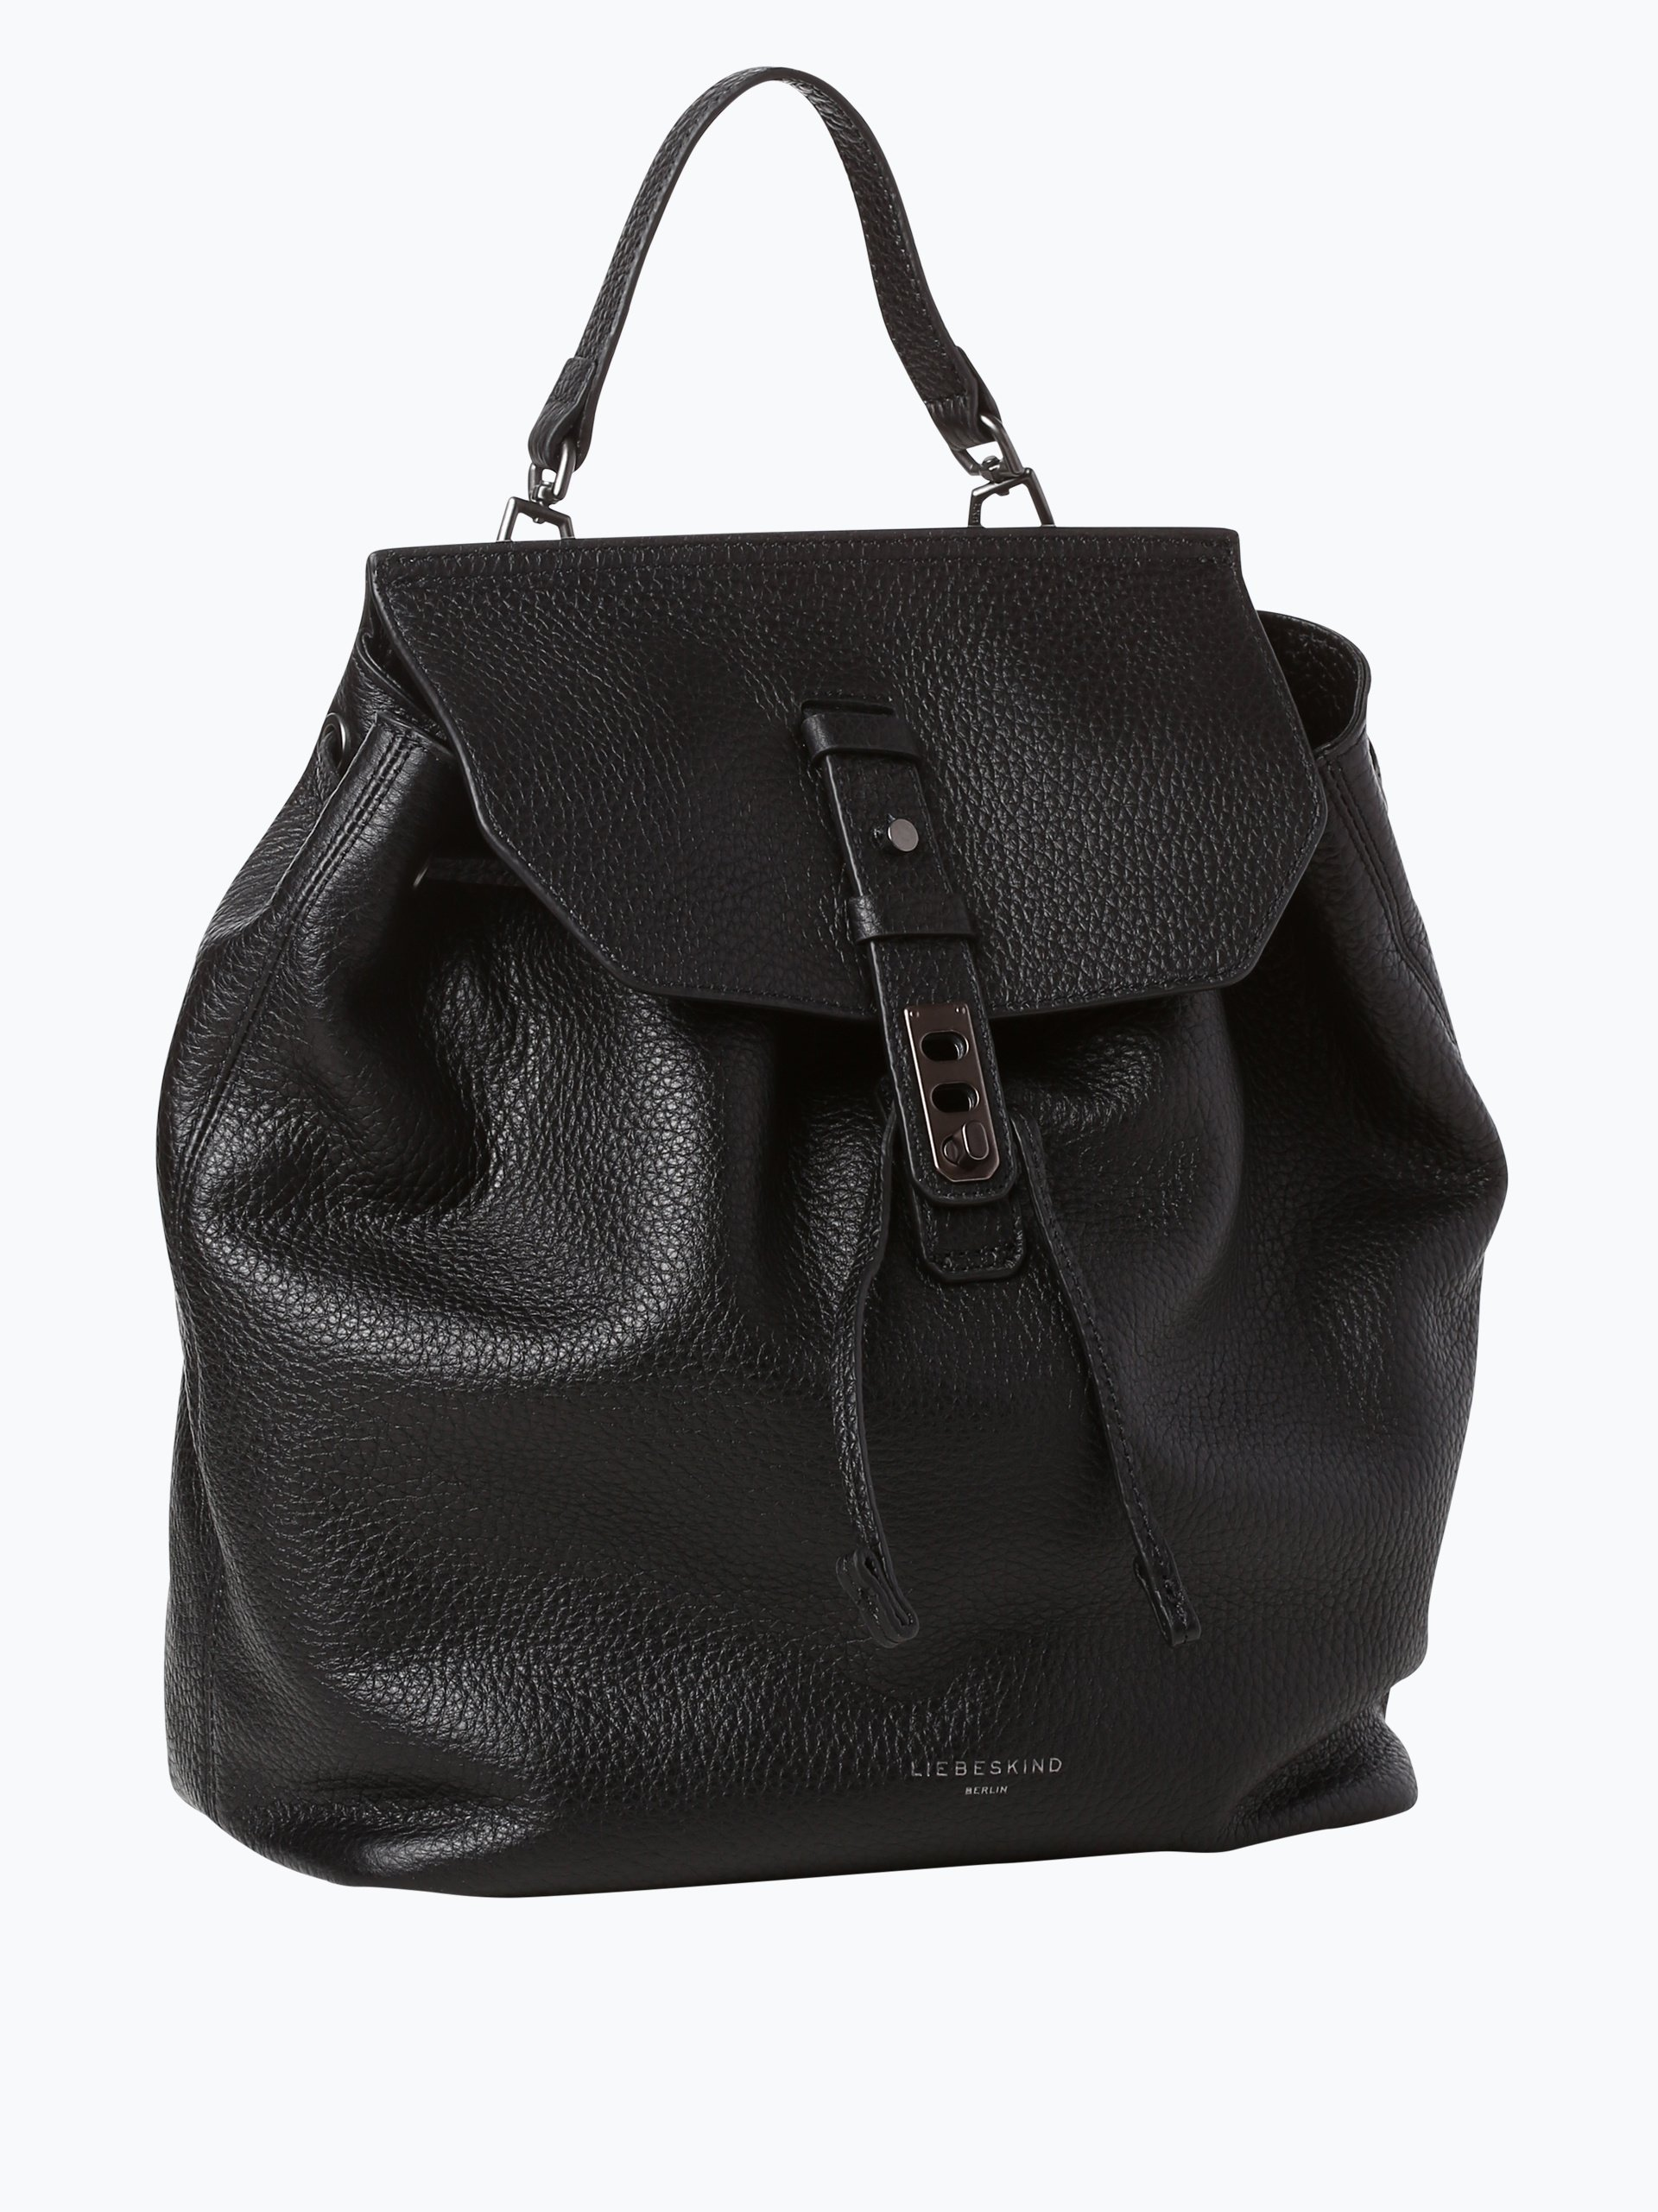 liebeskind damen rucksack aus leder wisconsin 2 online kaufen peek und cloppenburg de. Black Bedroom Furniture Sets. Home Design Ideas